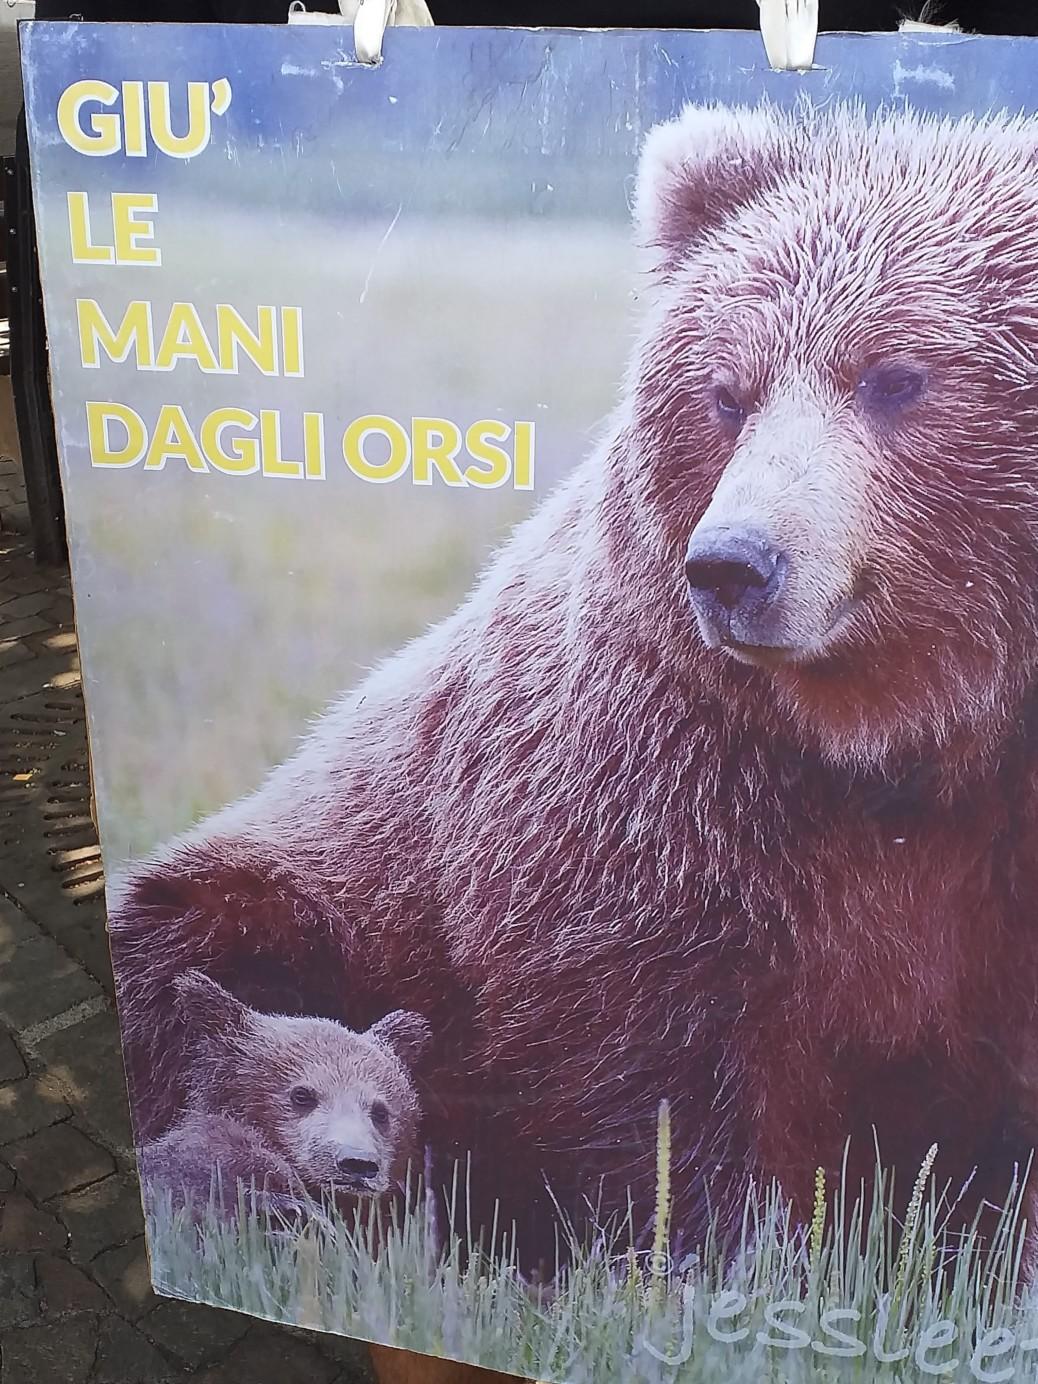 Manifestazione pro M49 - Trento13 luglio 2019 - Critiche ed osservazioni all'evento e al deludente mondo animalista 2